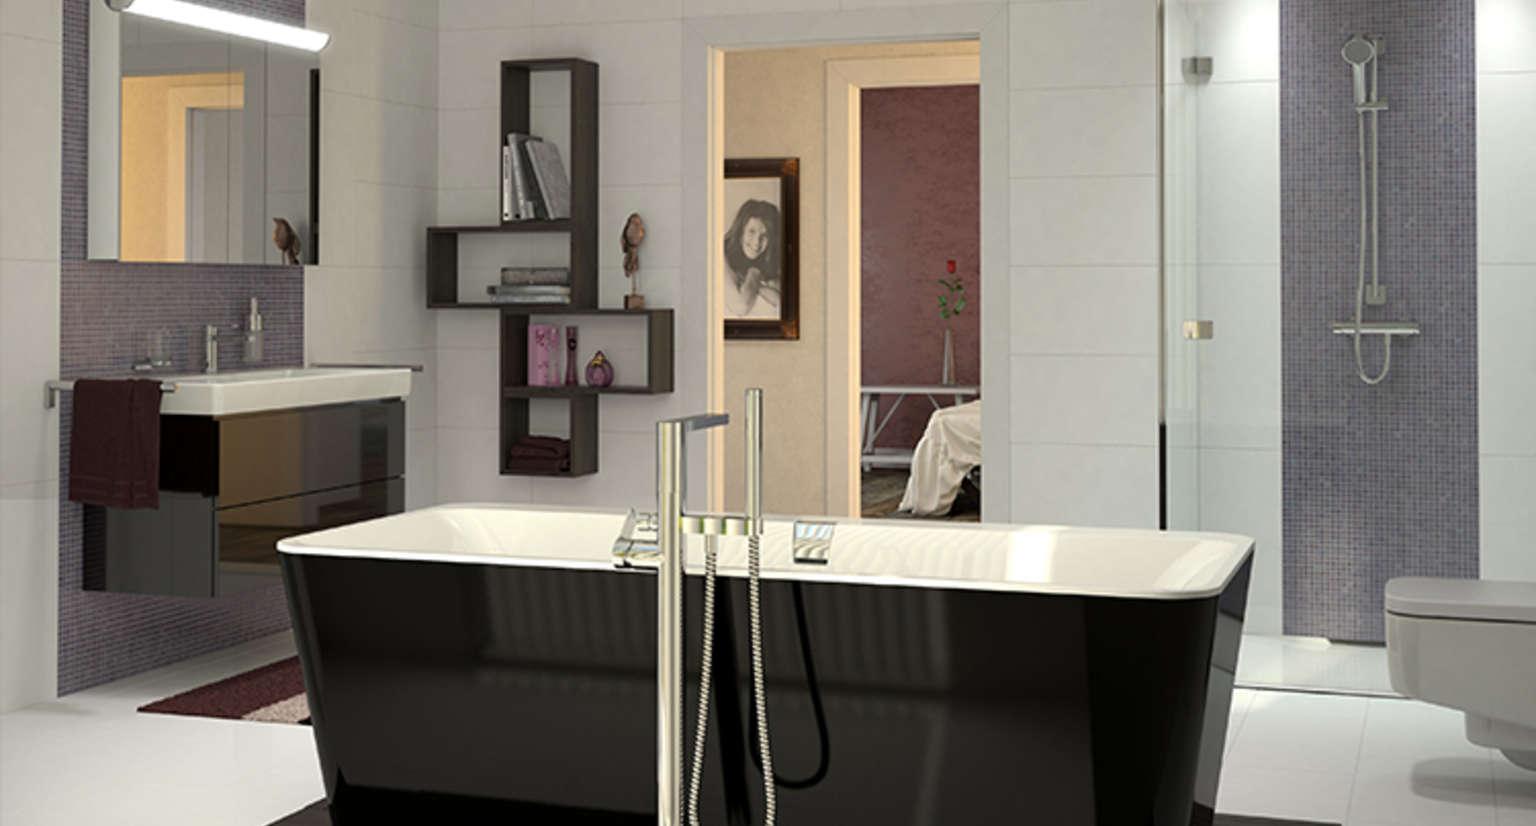 Salles de bains - Pharmacie salle de bain ...